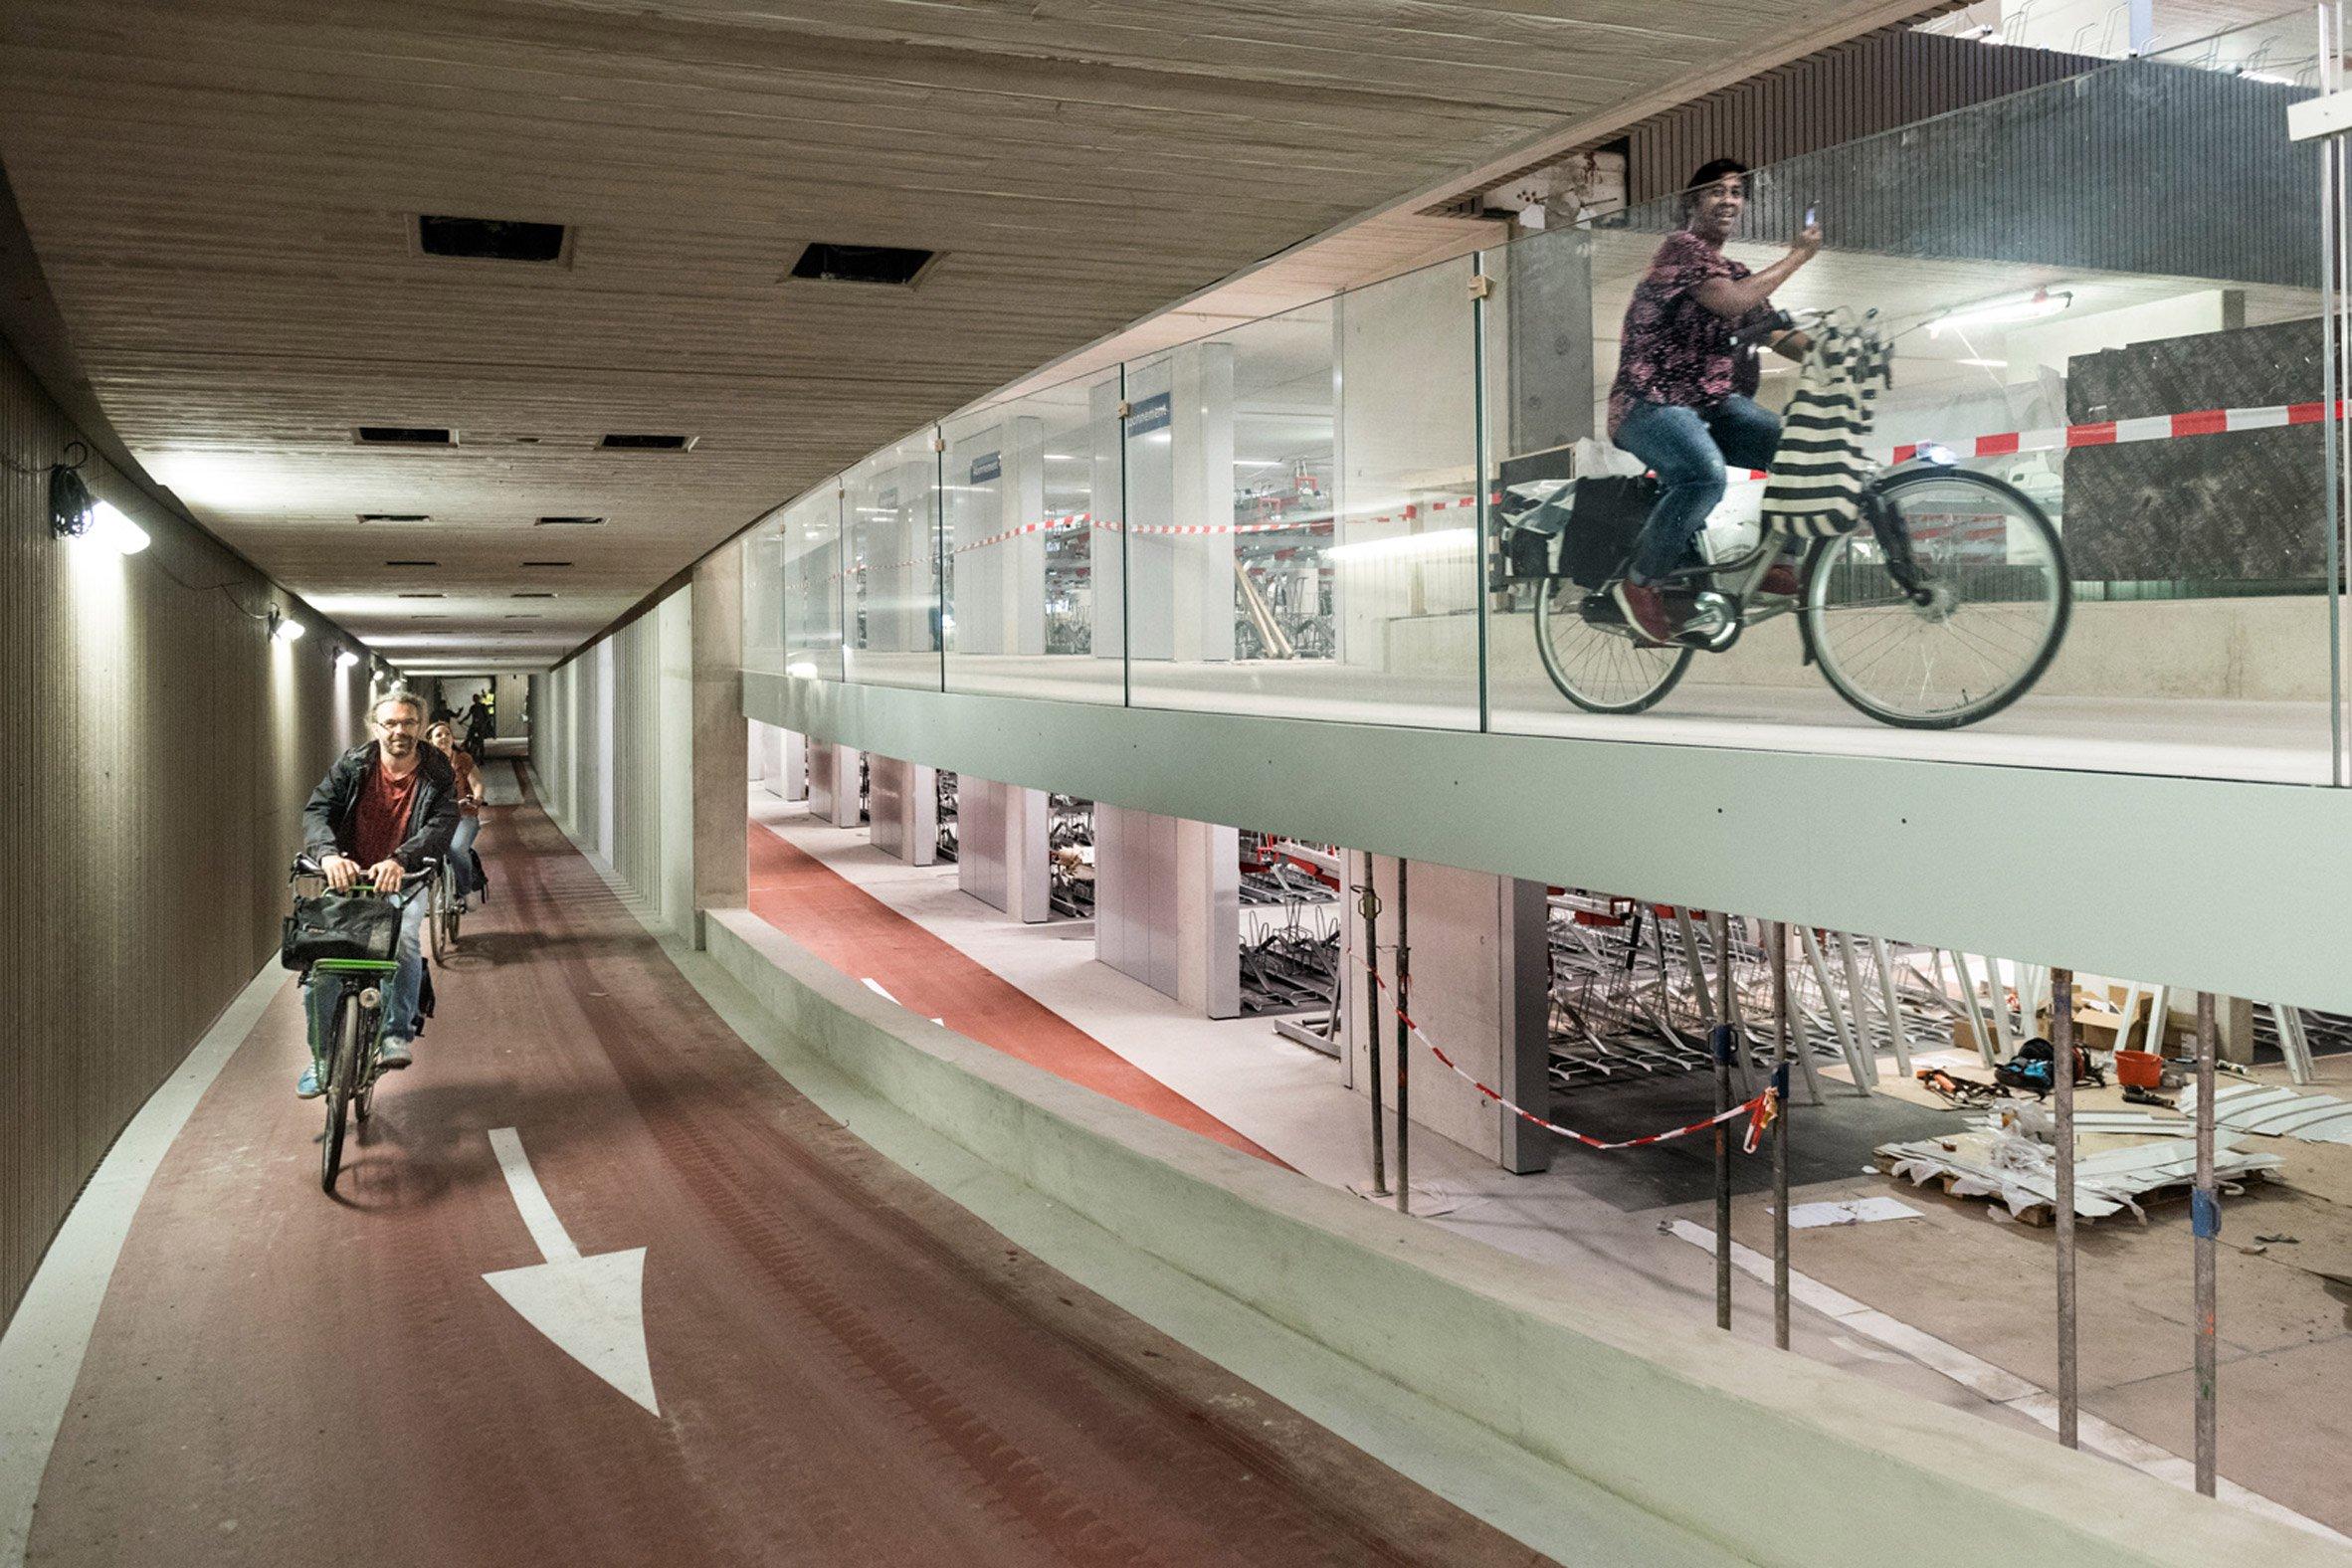 stationsplein-bicycle-parking-utrecht-architecture_dezeen_2364_col_6.jpg